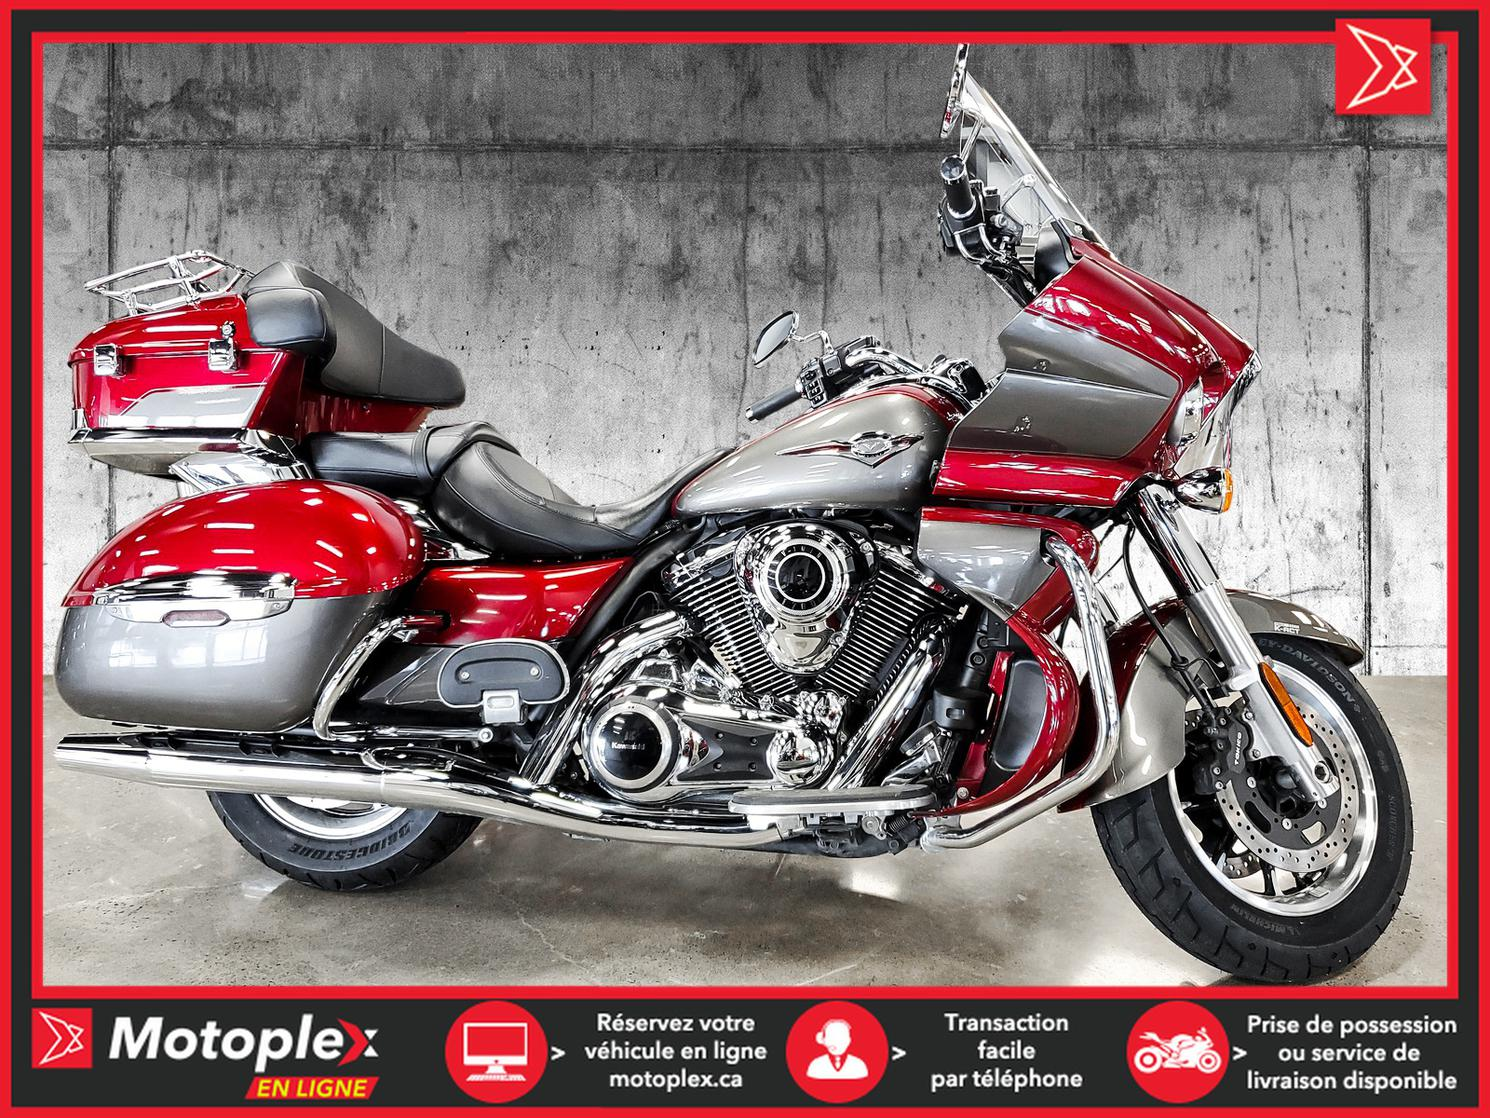 2018 Kawasaki VULCAN 1700 VOYAGER VN1700 ABS 51$/semaine